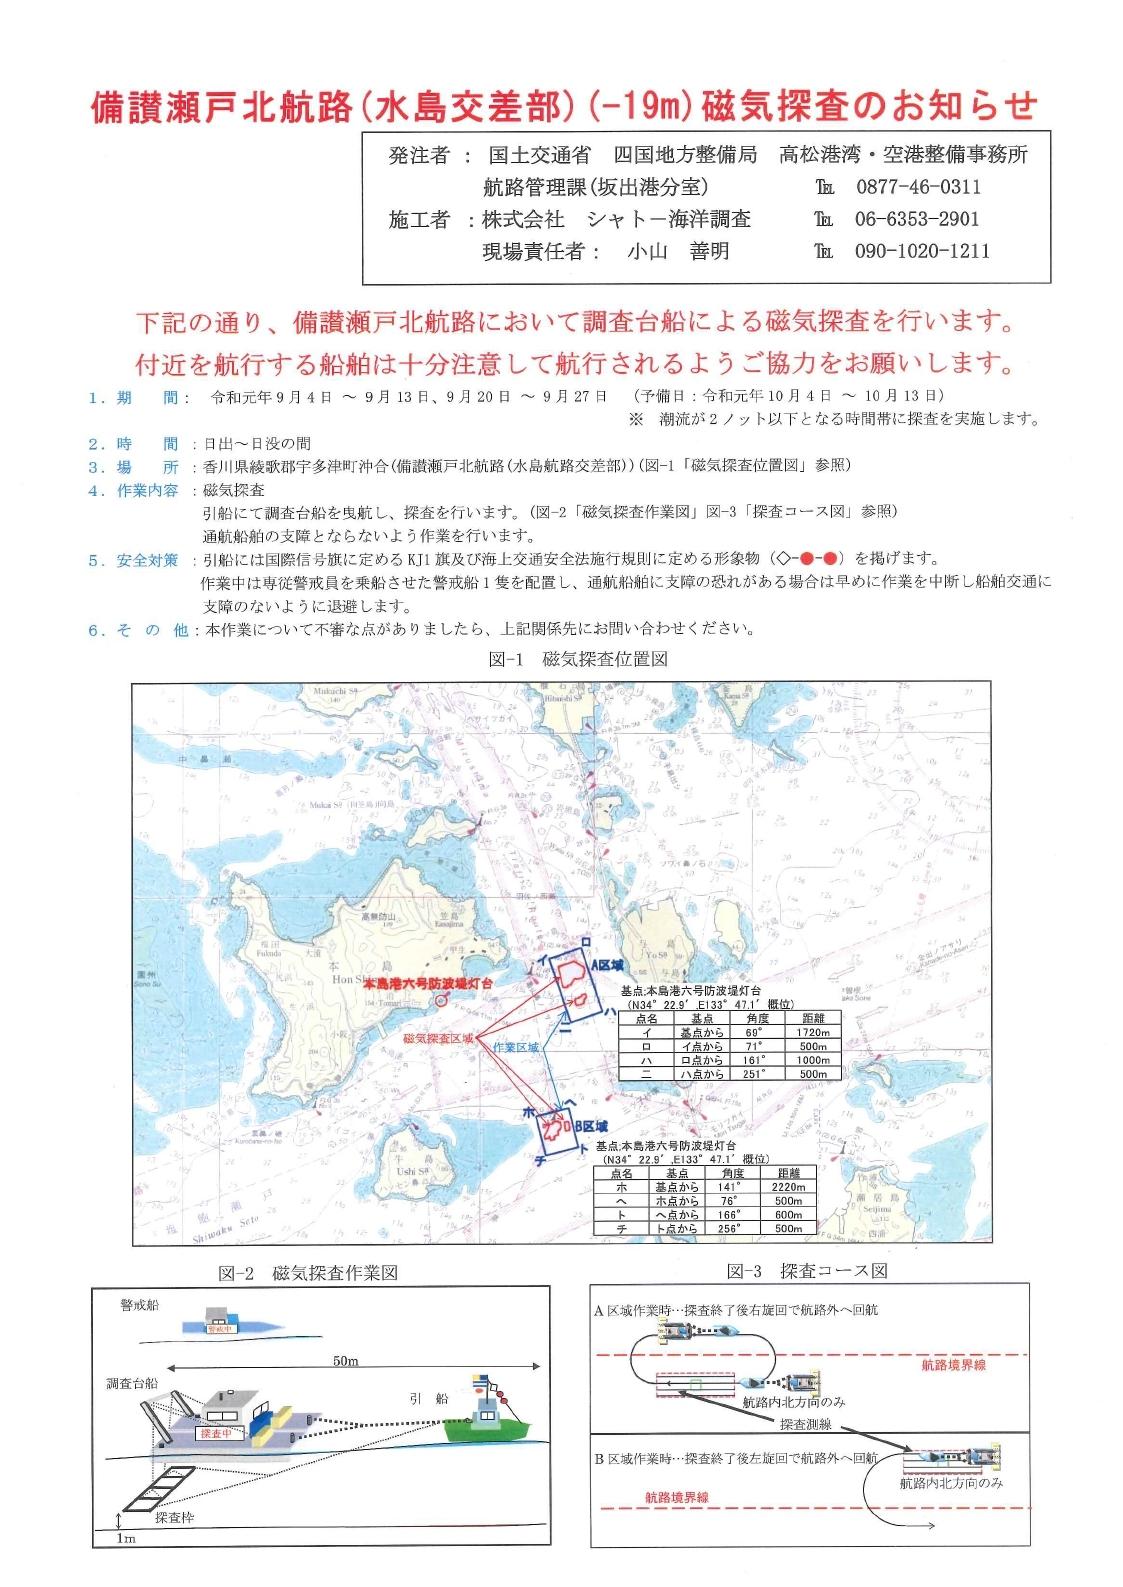 備讃瀬戸北航路(水島交差部)(-19m)磁気探査のお知らせ.pdf_page_1